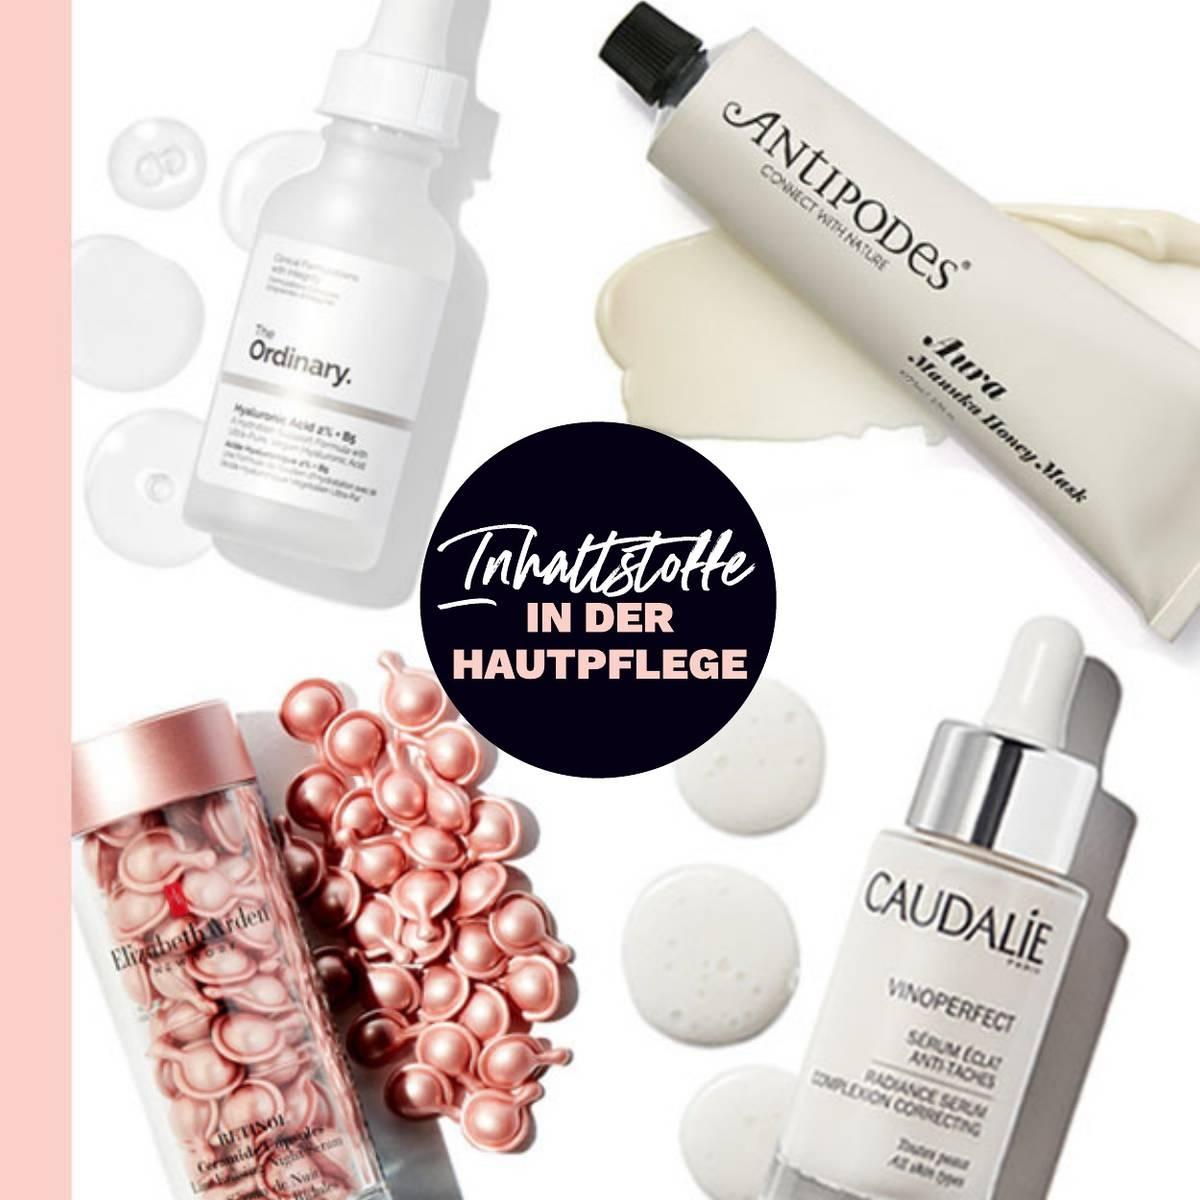 Shoppe nach Hautpflege-Inhaltsstoffen und finde heraus, was deine Haut am meisten braucht!